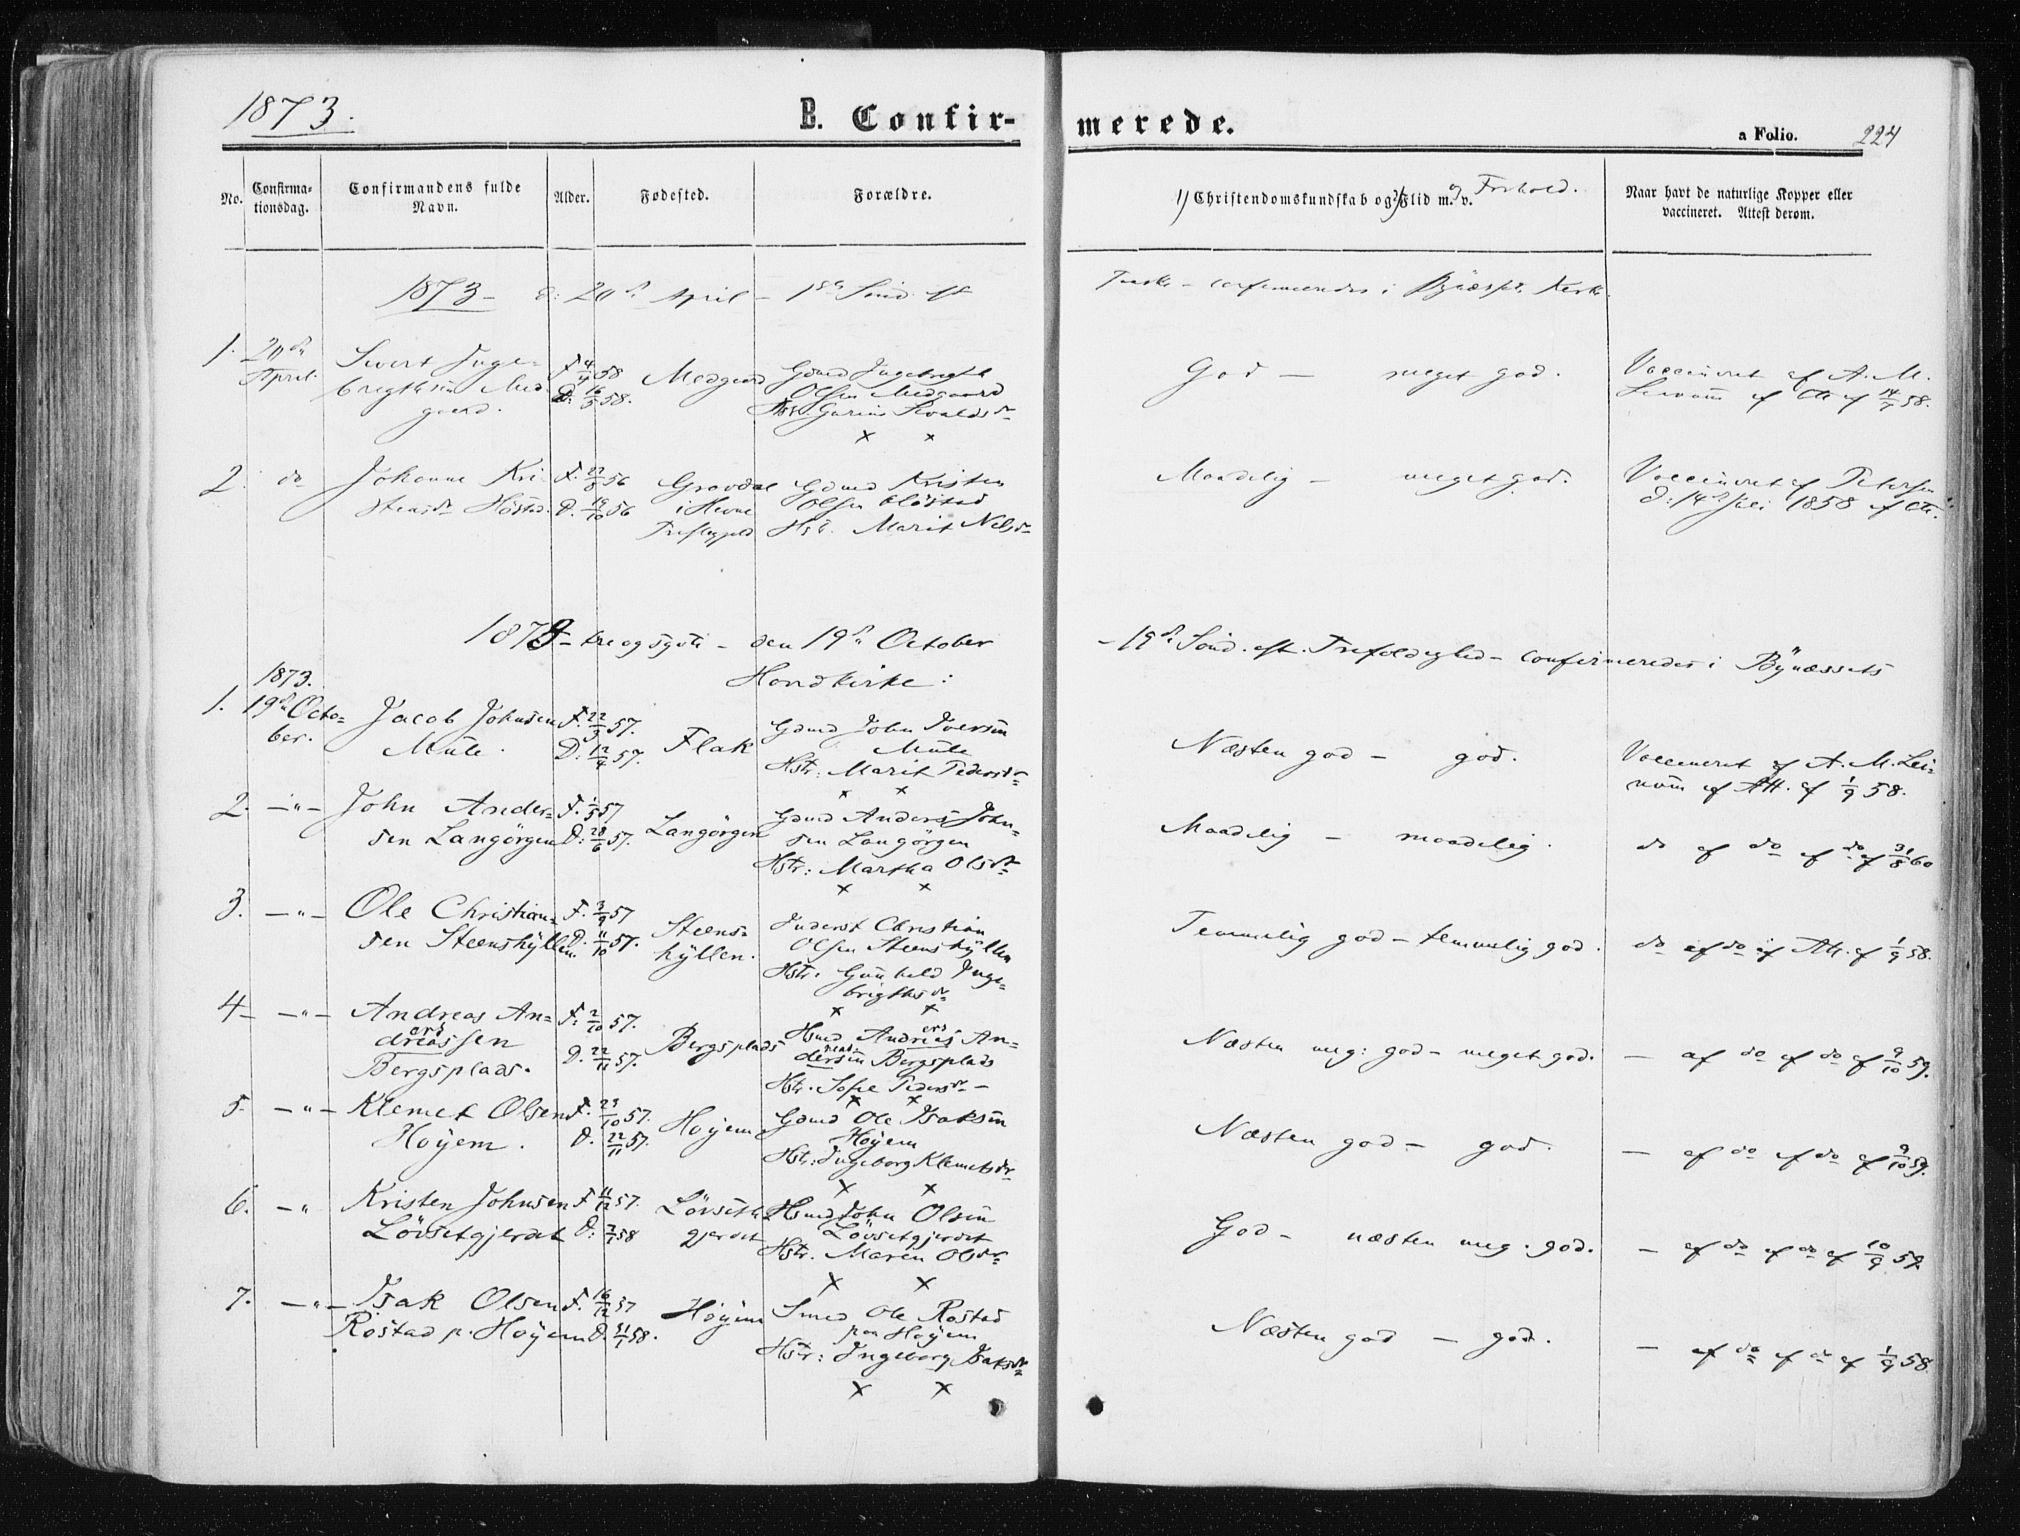 SAT, Ministerialprotokoller, klokkerbøker og fødselsregistre - Sør-Trøndelag, 612/L0377: Ministerialbok nr. 612A09, 1859-1877, s. 224